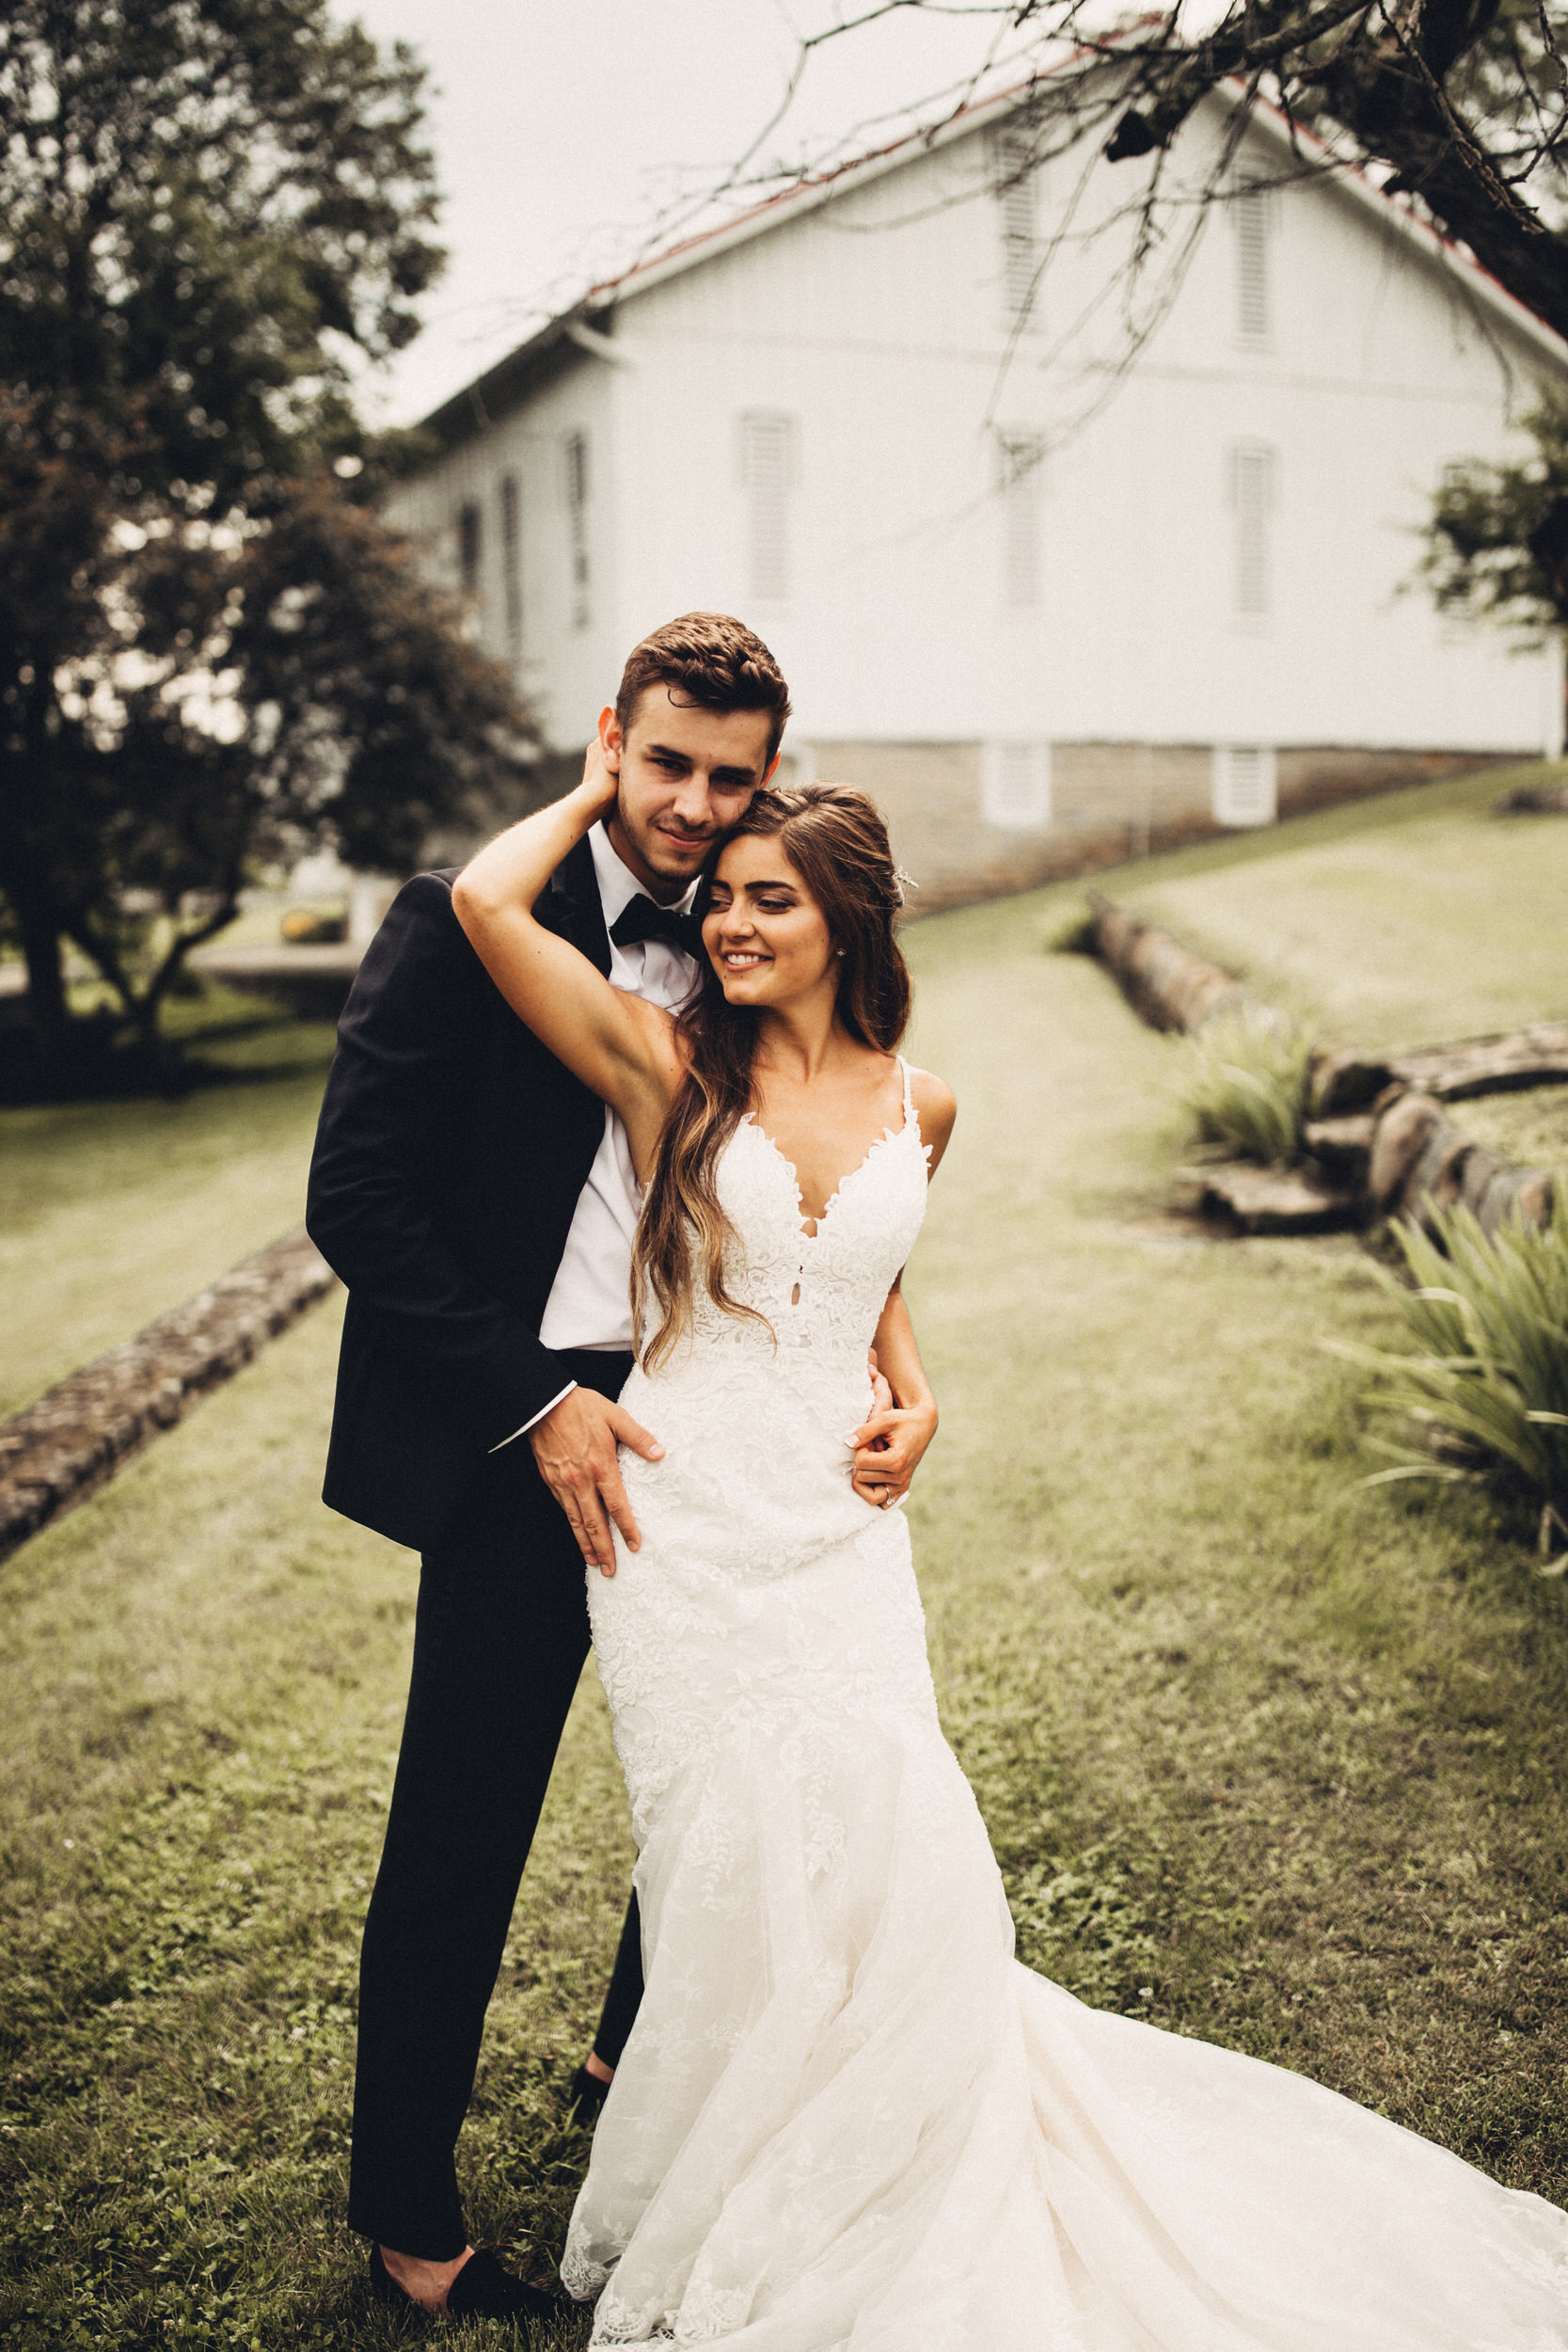 Editorial_Ohio_Farmhouse_Wedding_47.JPG